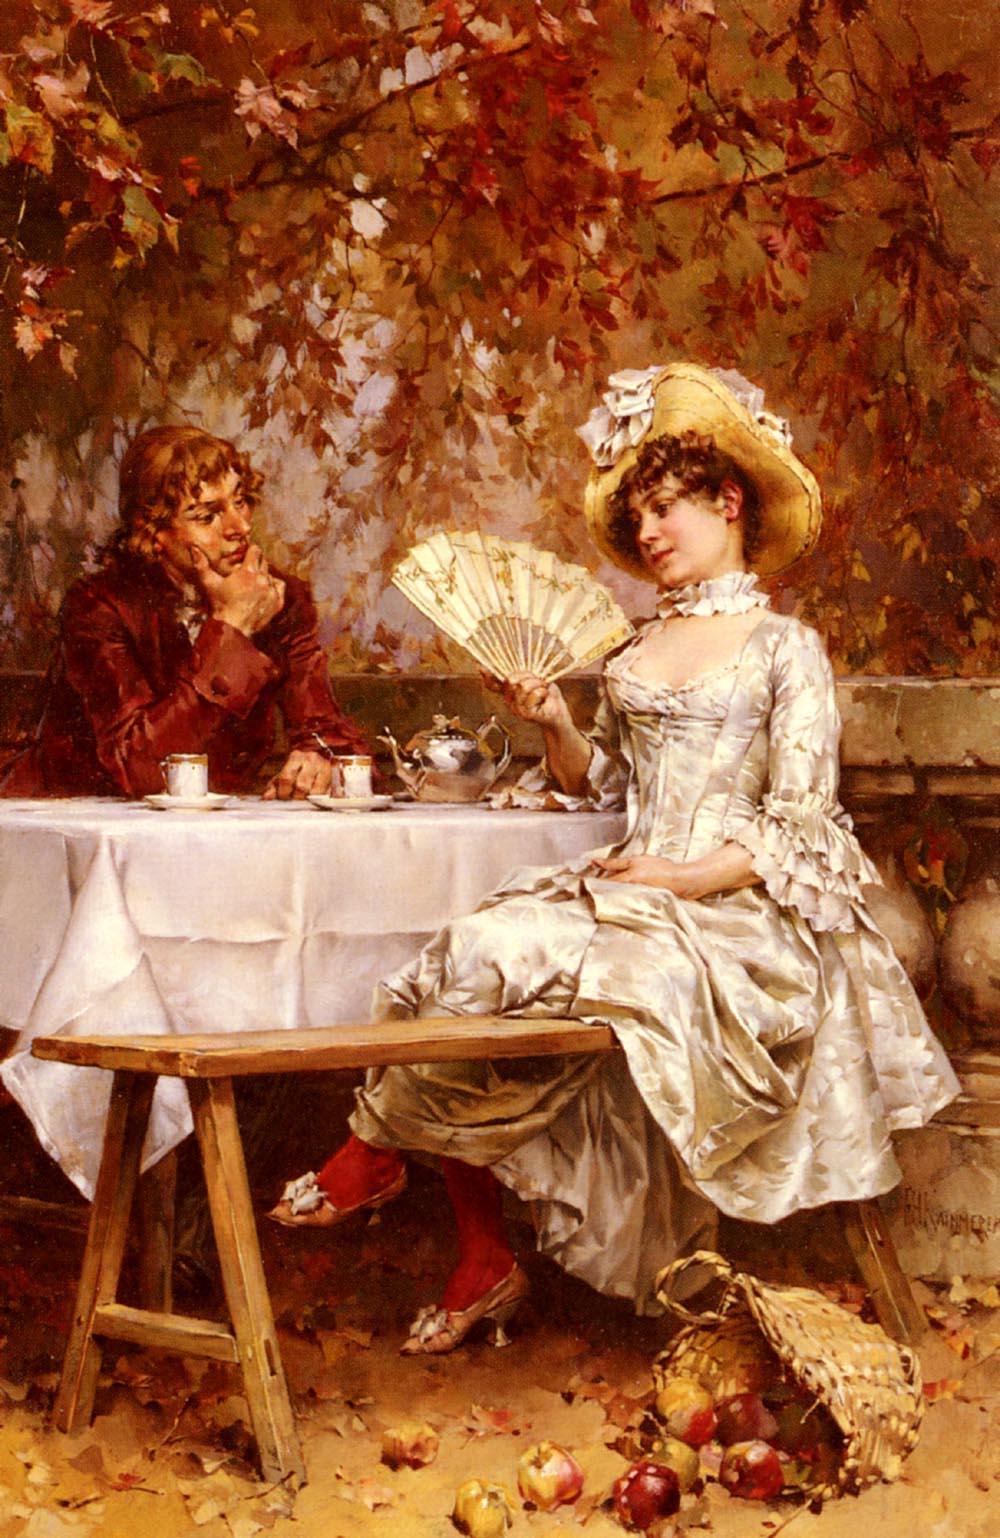 Frederick_Hendrik_Kaemmerer_-_Tea_In_The_Garden_Autumn